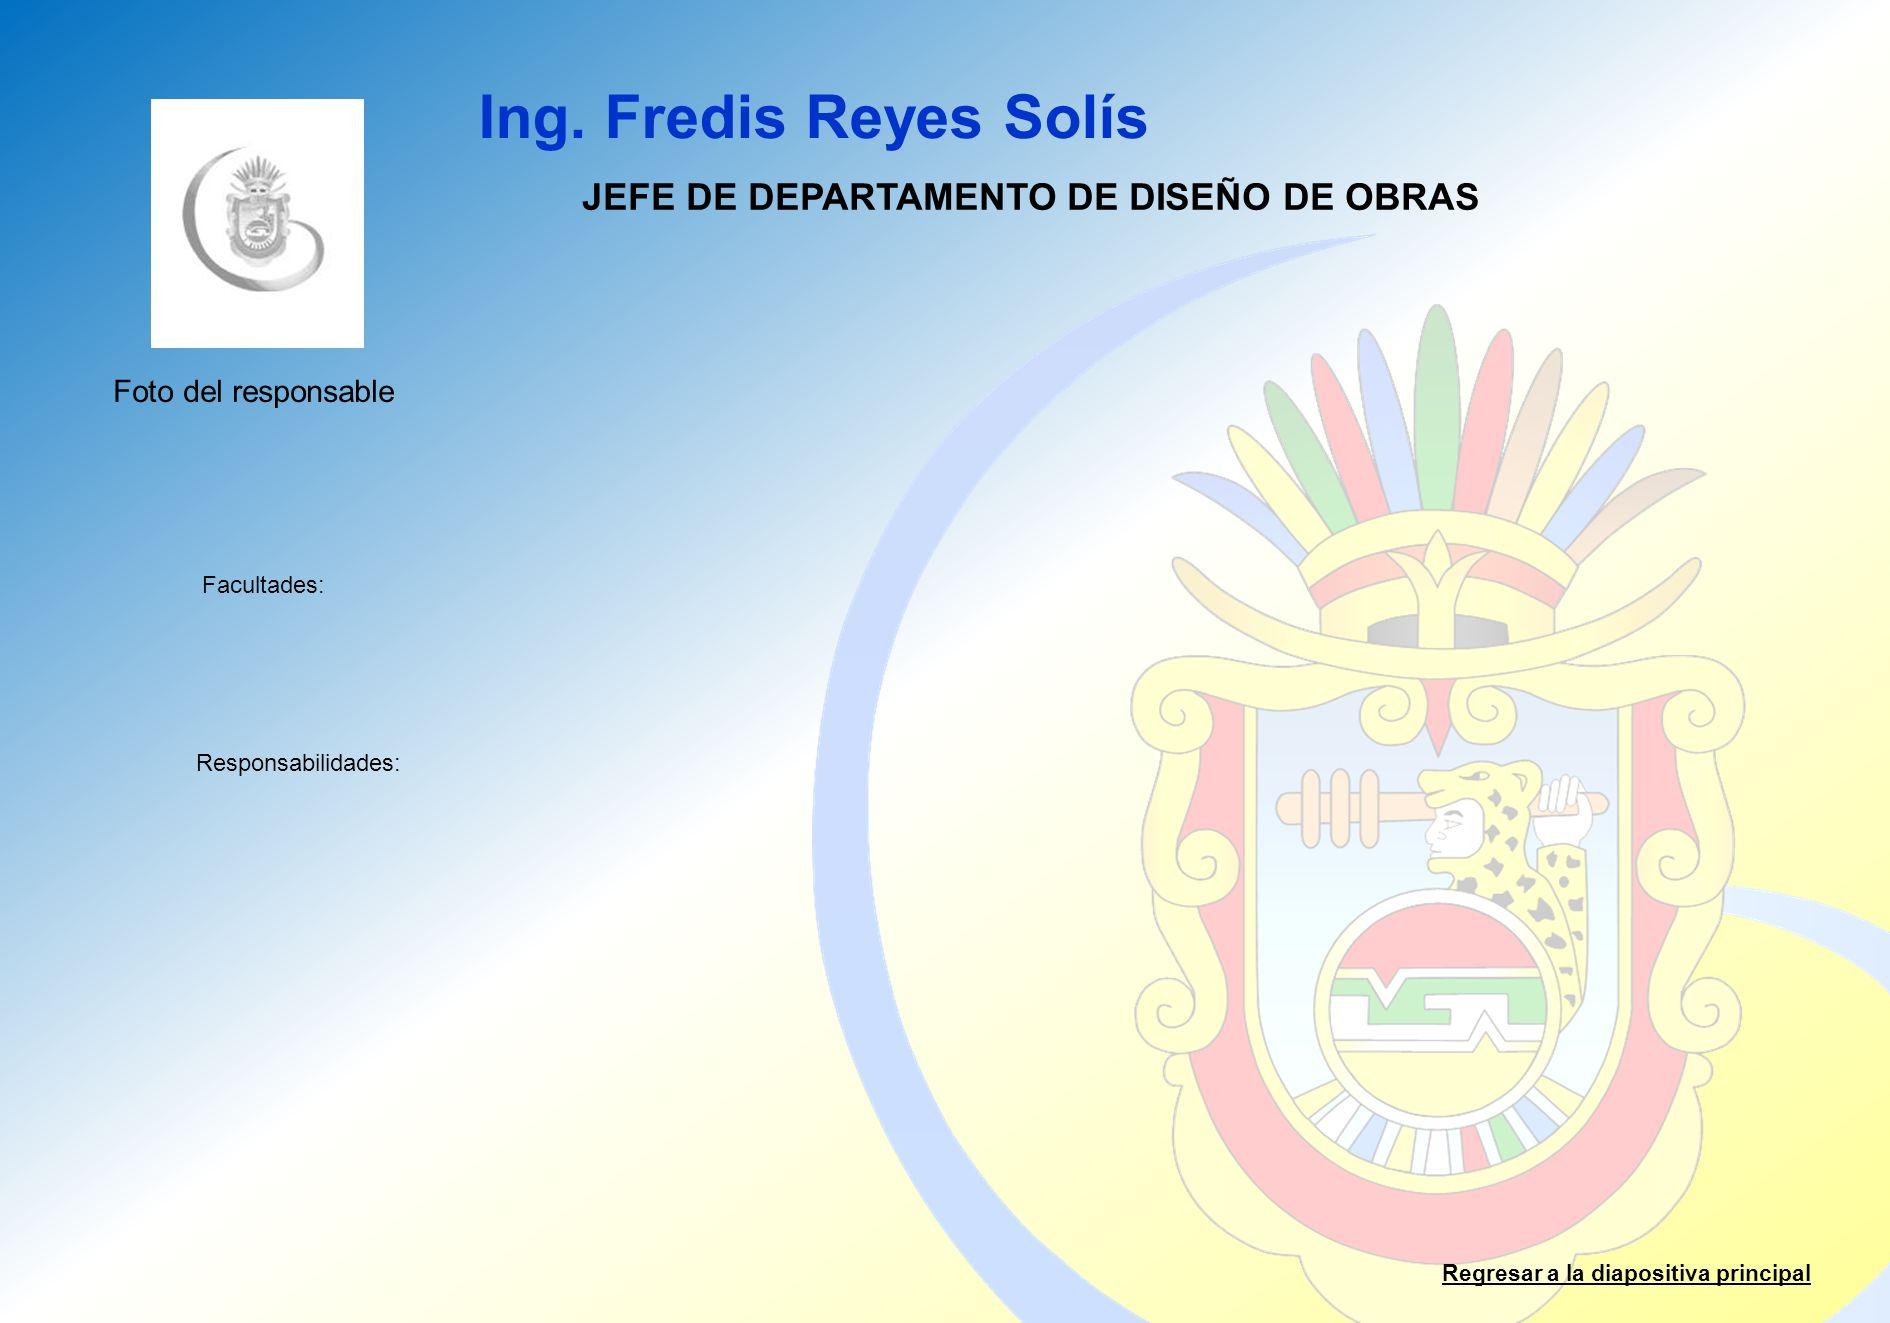 JEFE DE DEPARTAMENTO DE DISEÑO DE OBRAS